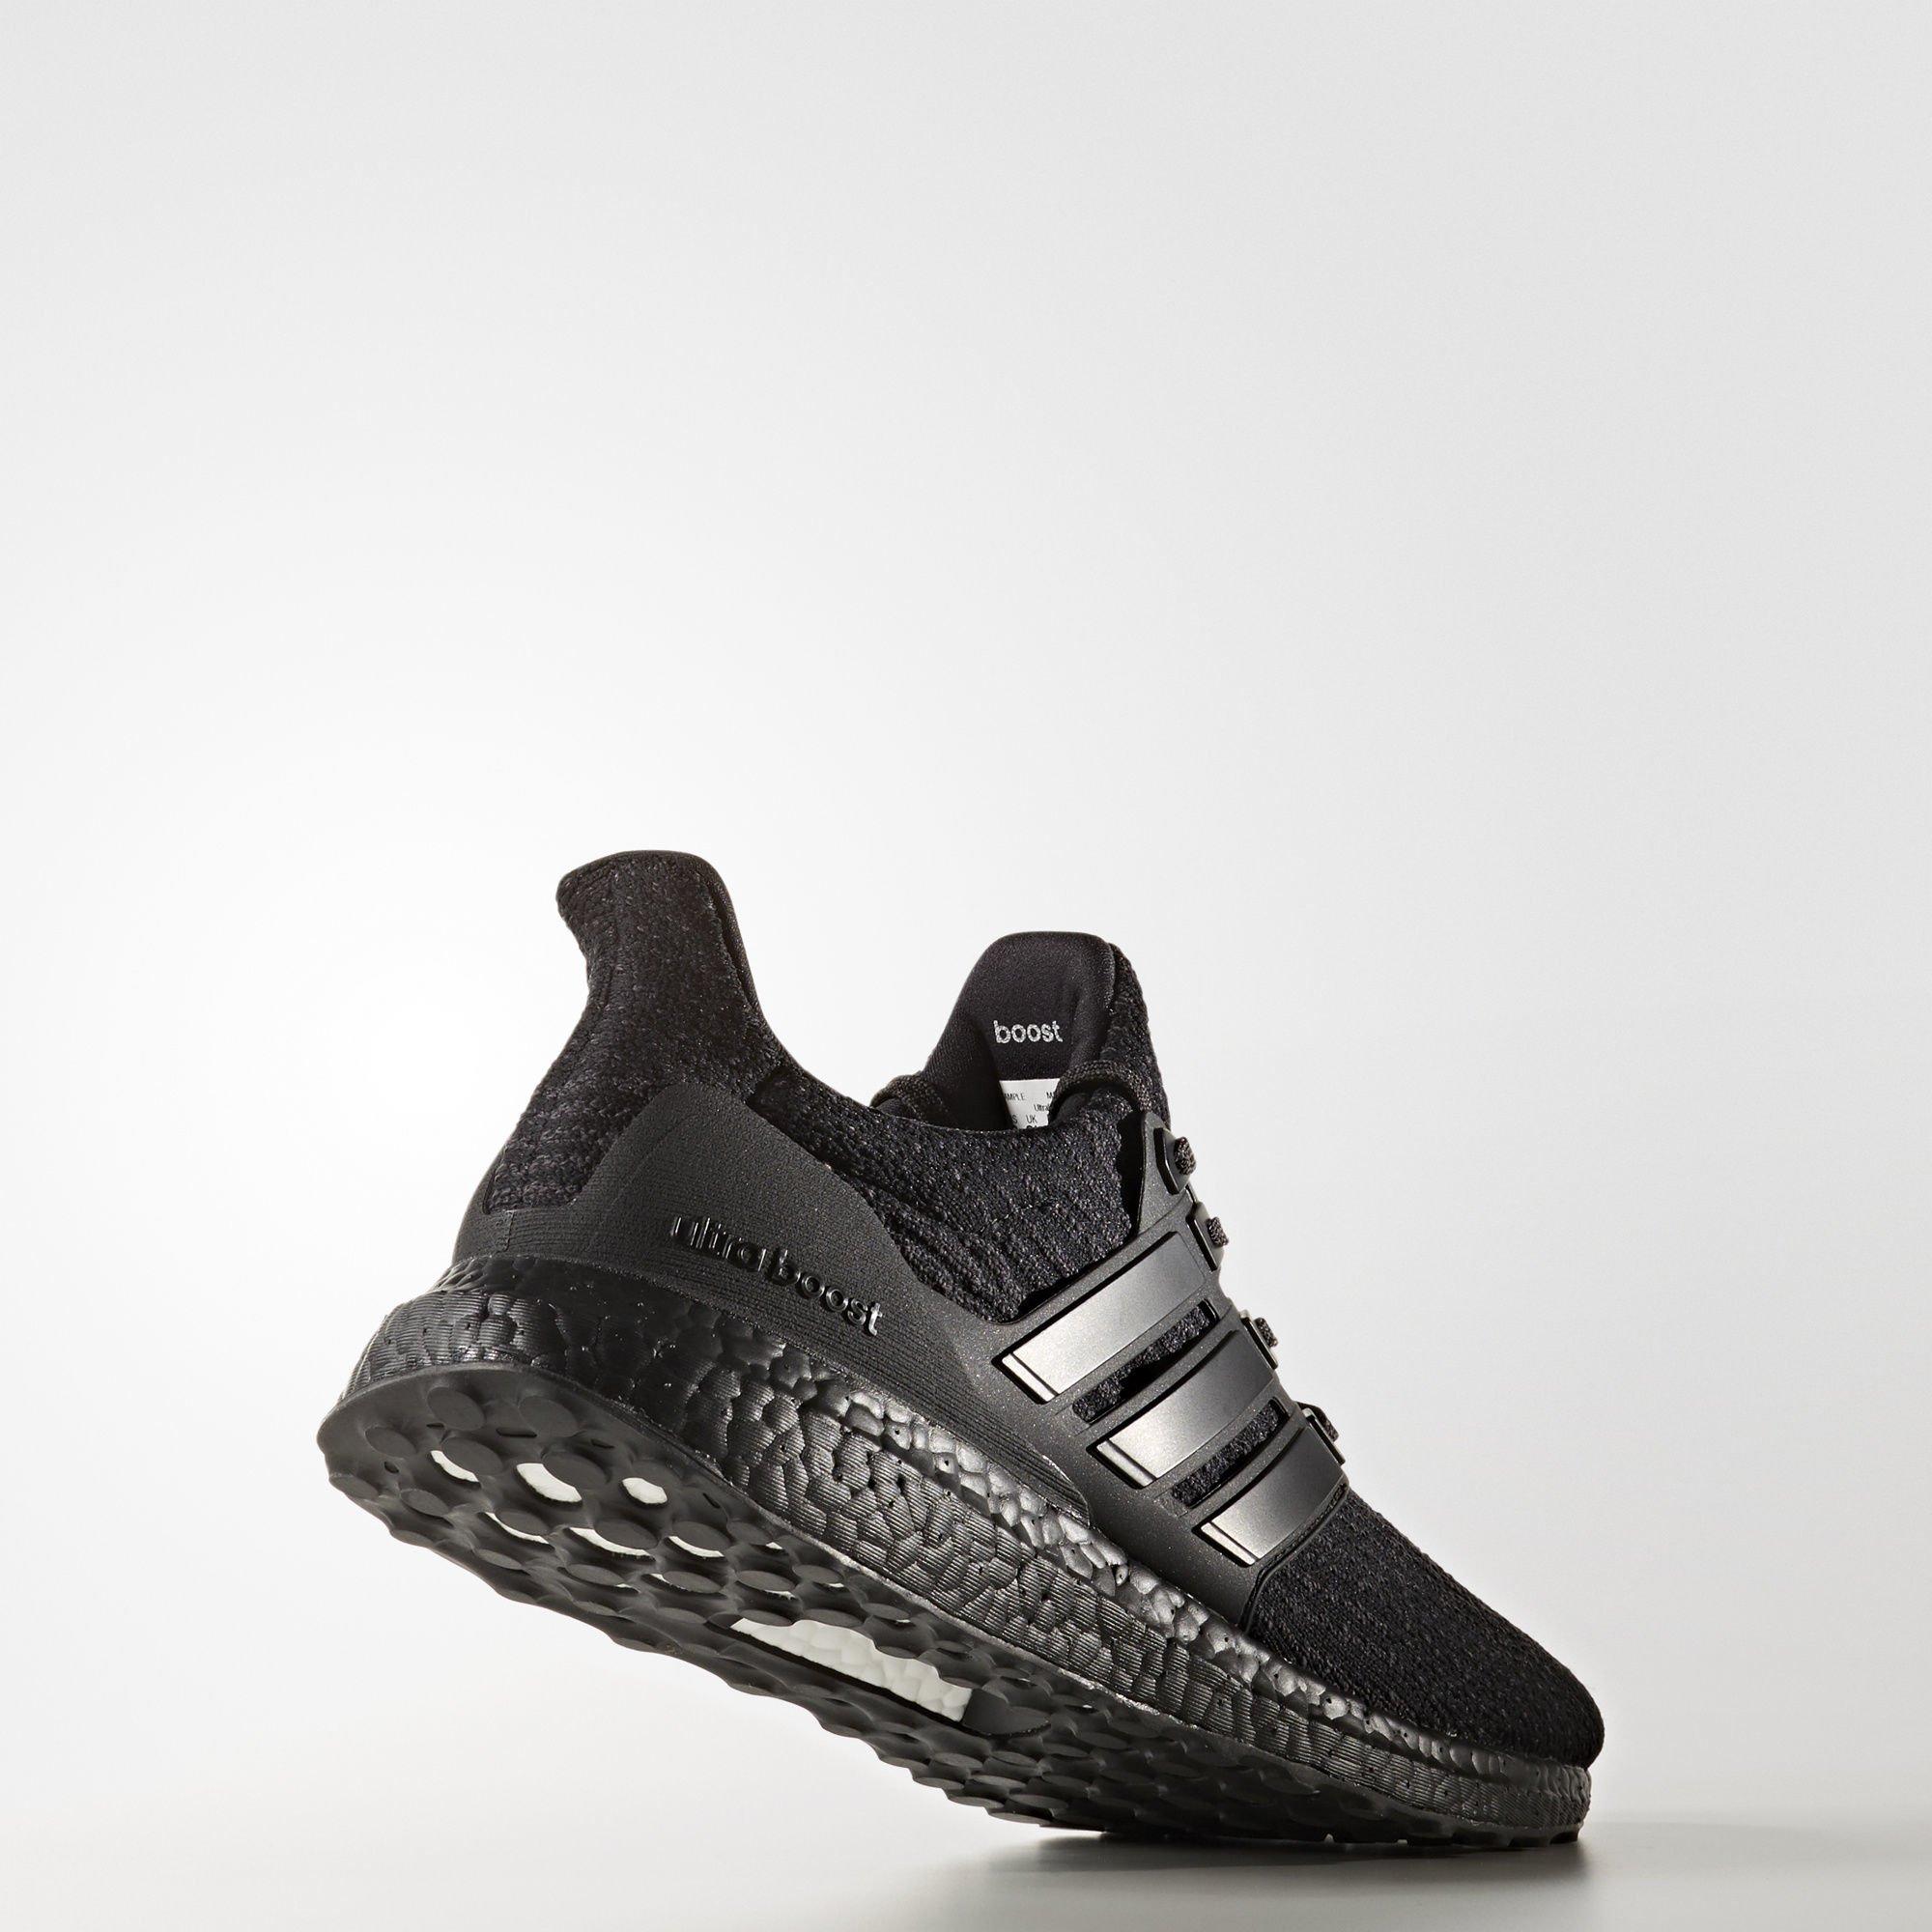 Adidas UltraBOOST CG3038